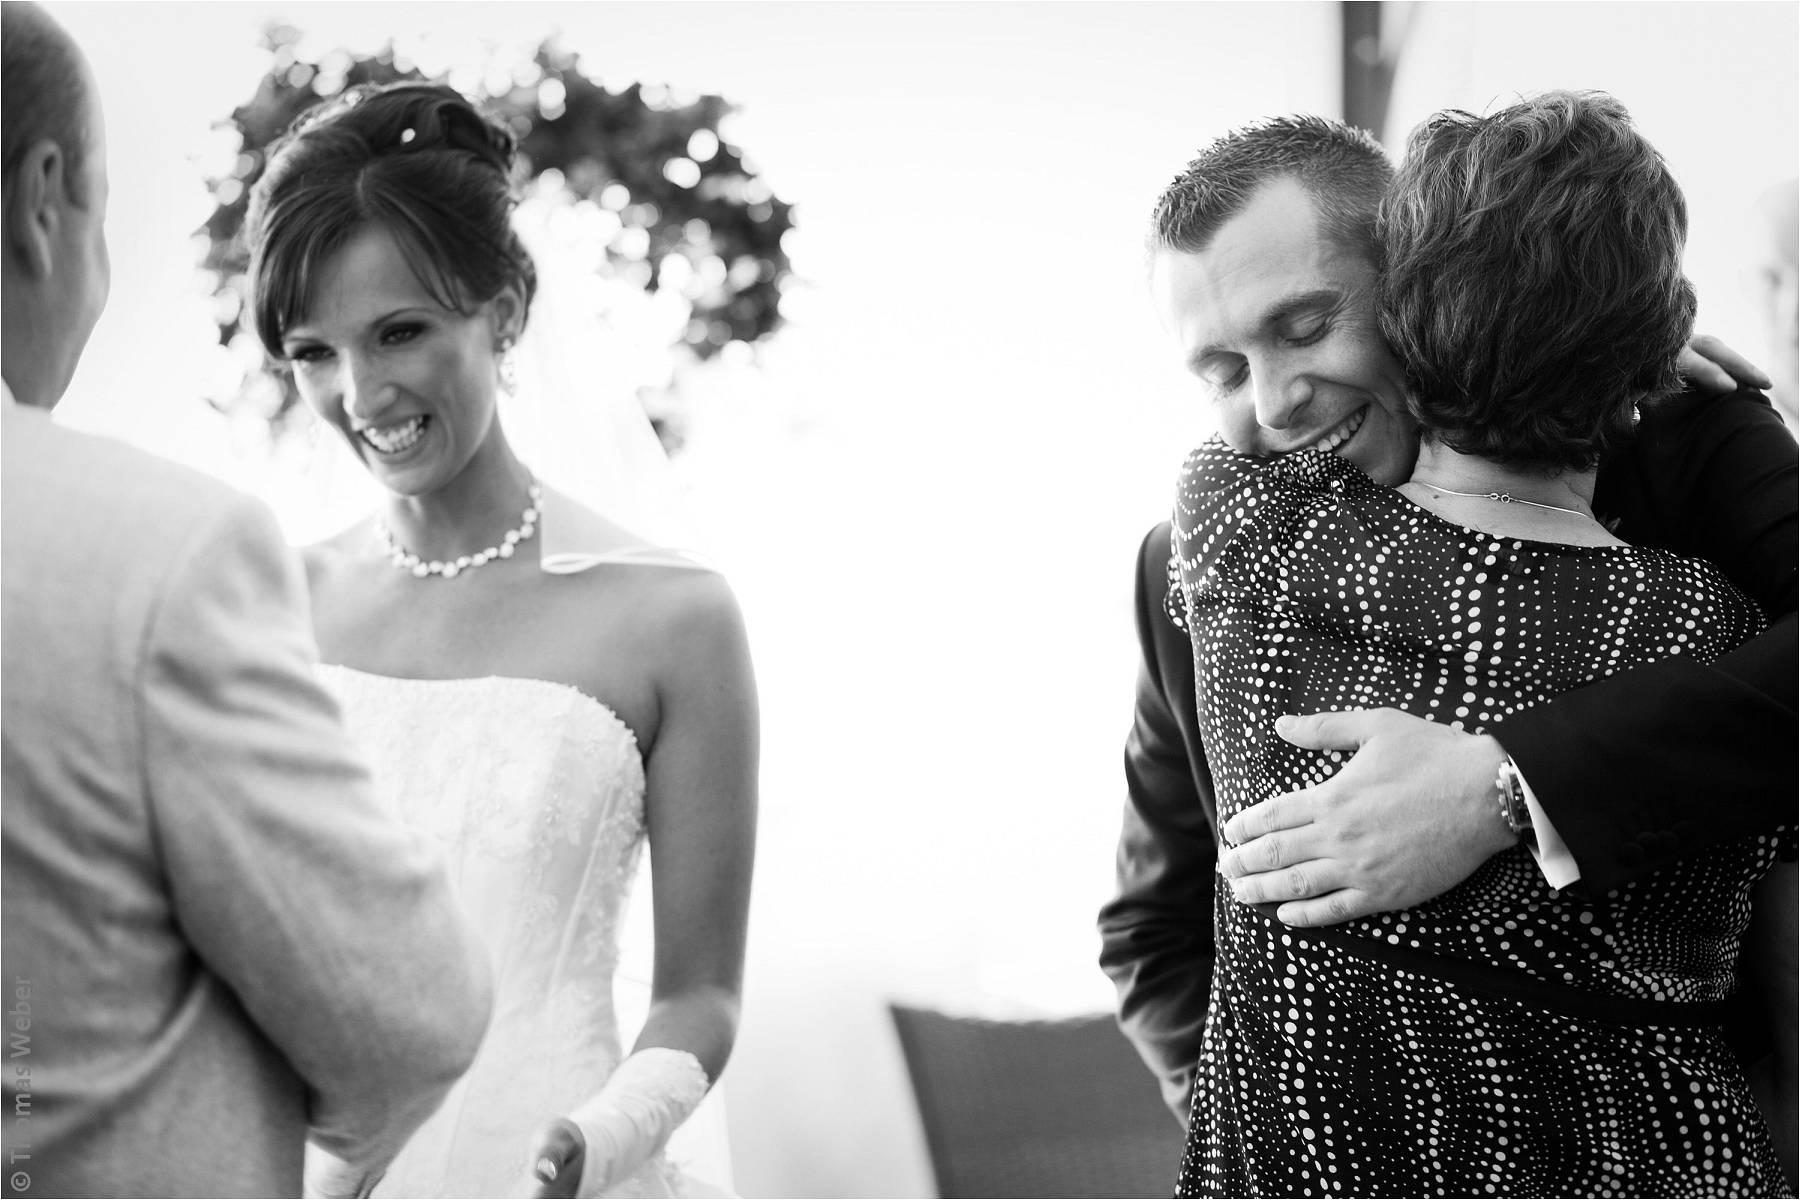 Hochzeitsfotograf Rangsdorf (Berlin): Hochzeit auf der Insel Falkenstein in Rangsdorf nahe Berlin (19)